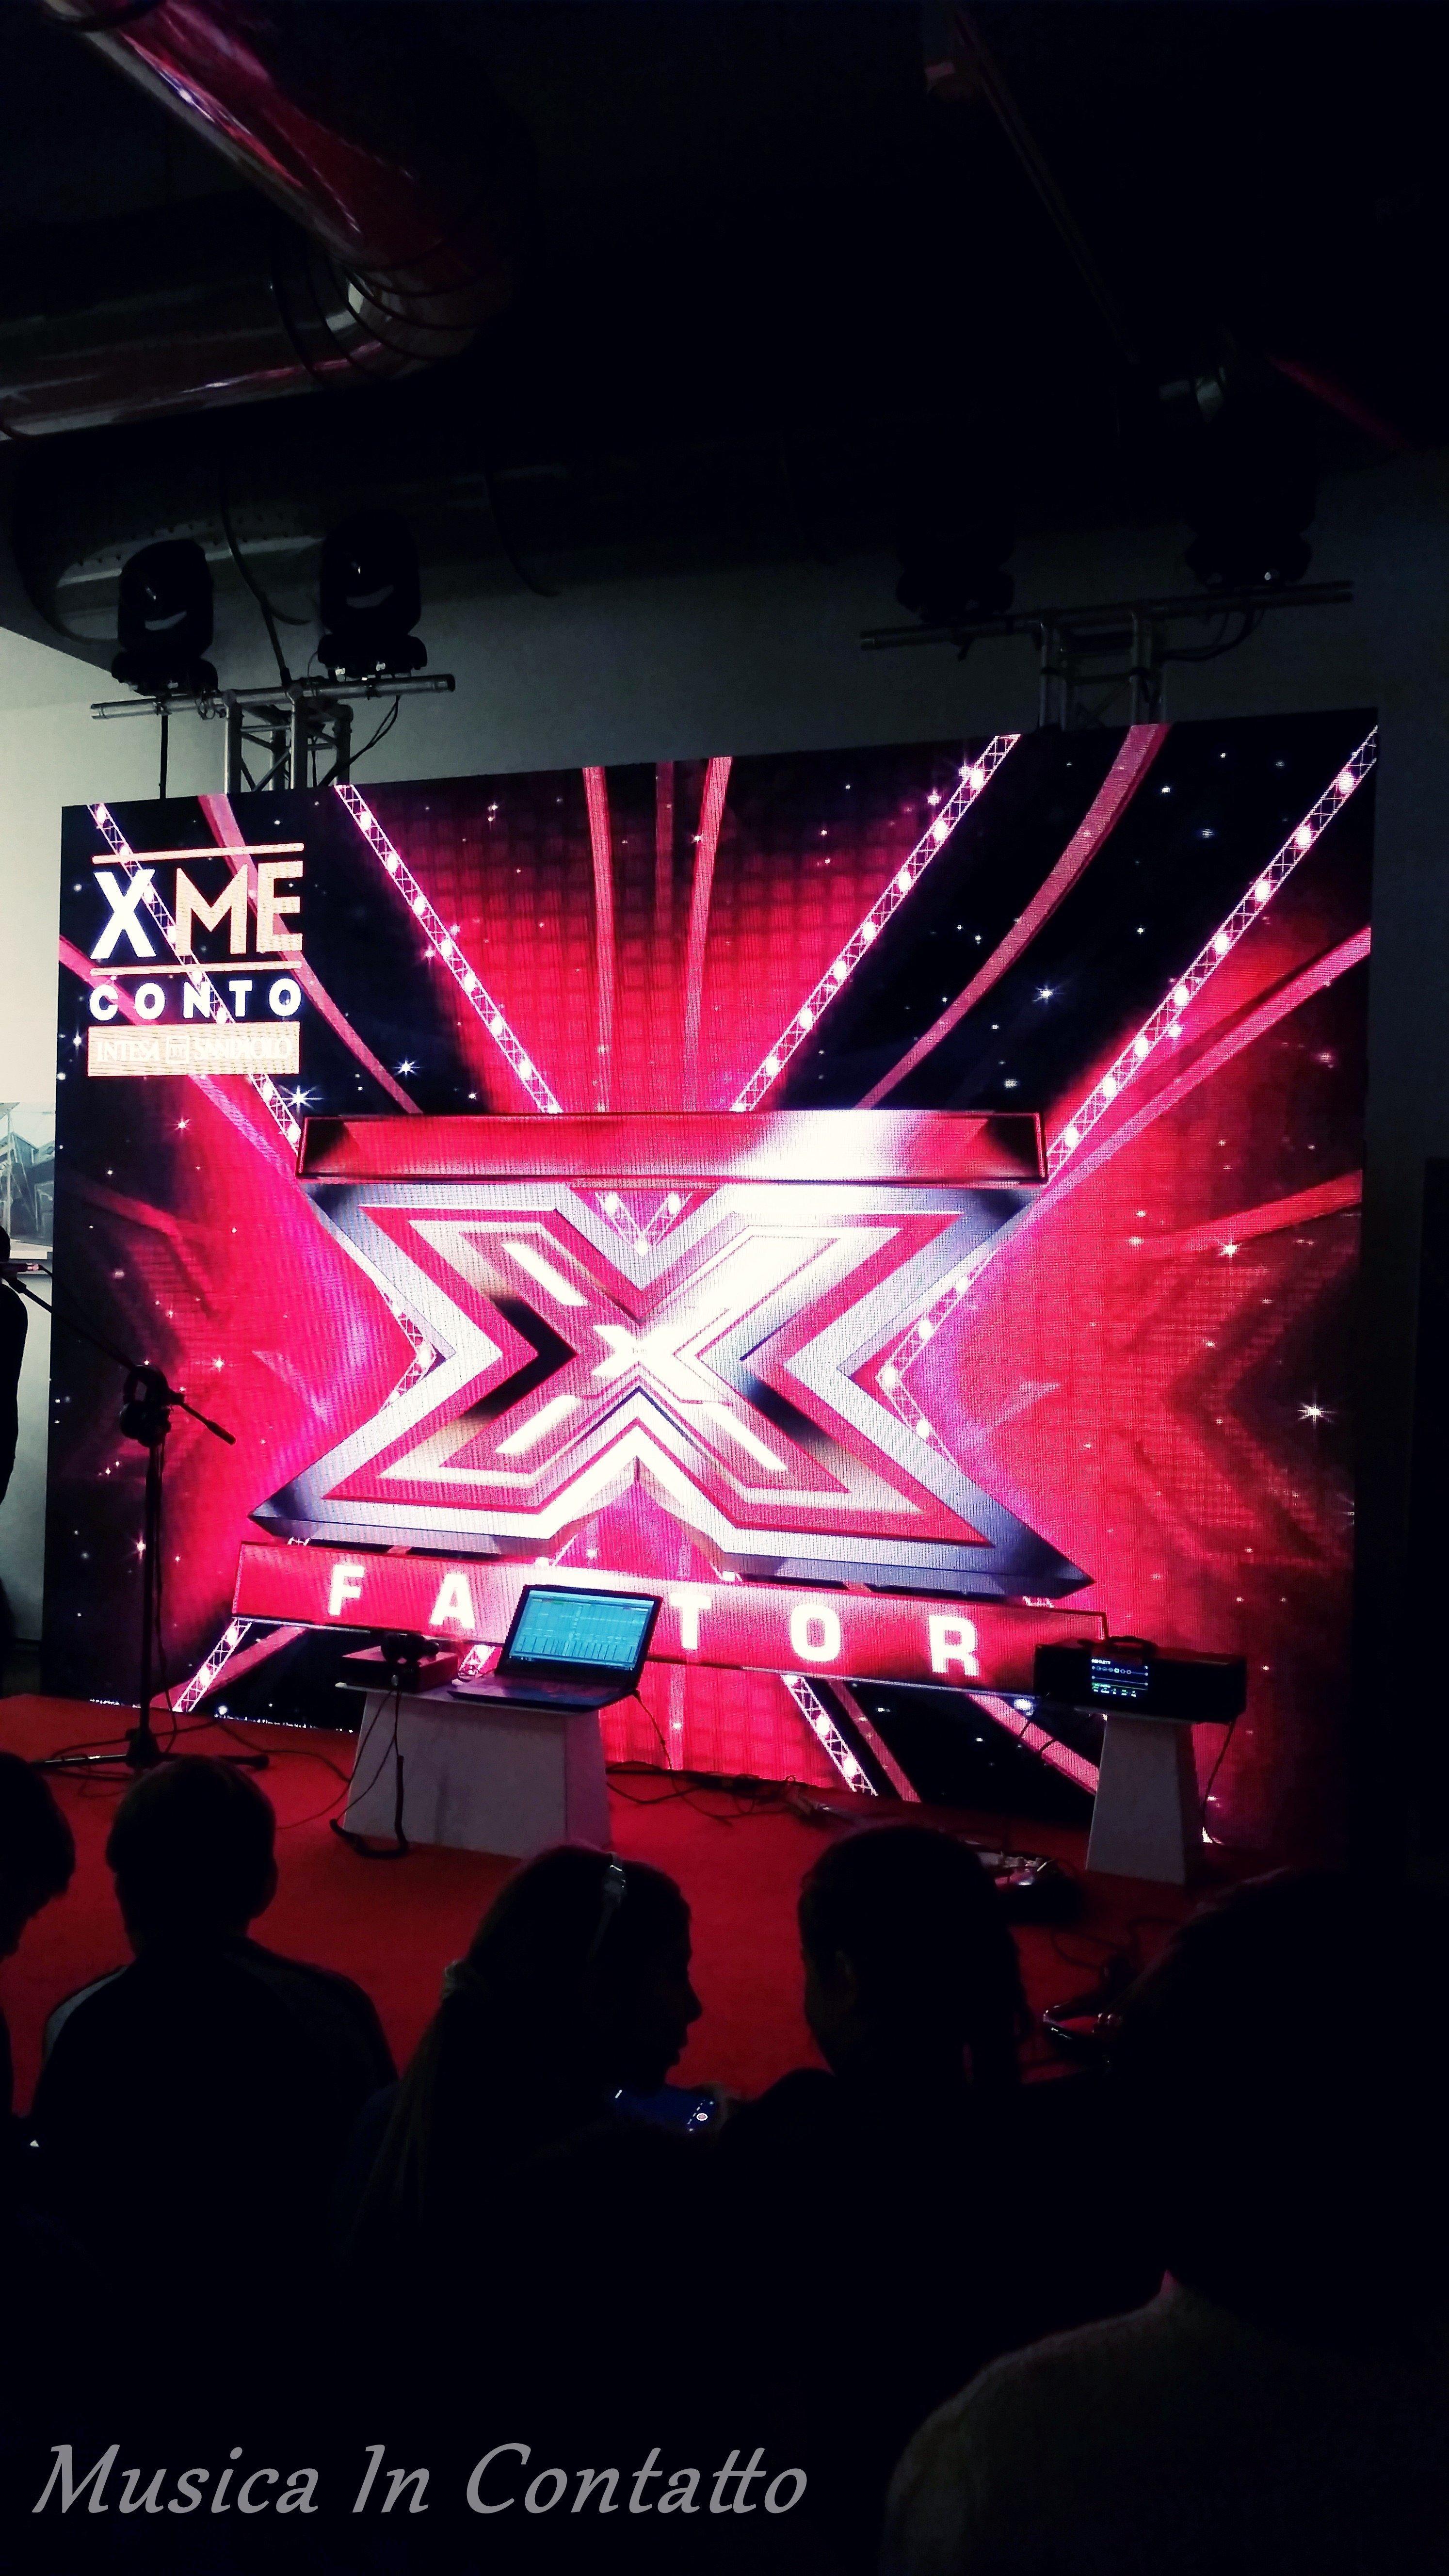 Intesa Sanpaolo, la banca con l' X Factor - Lettera43